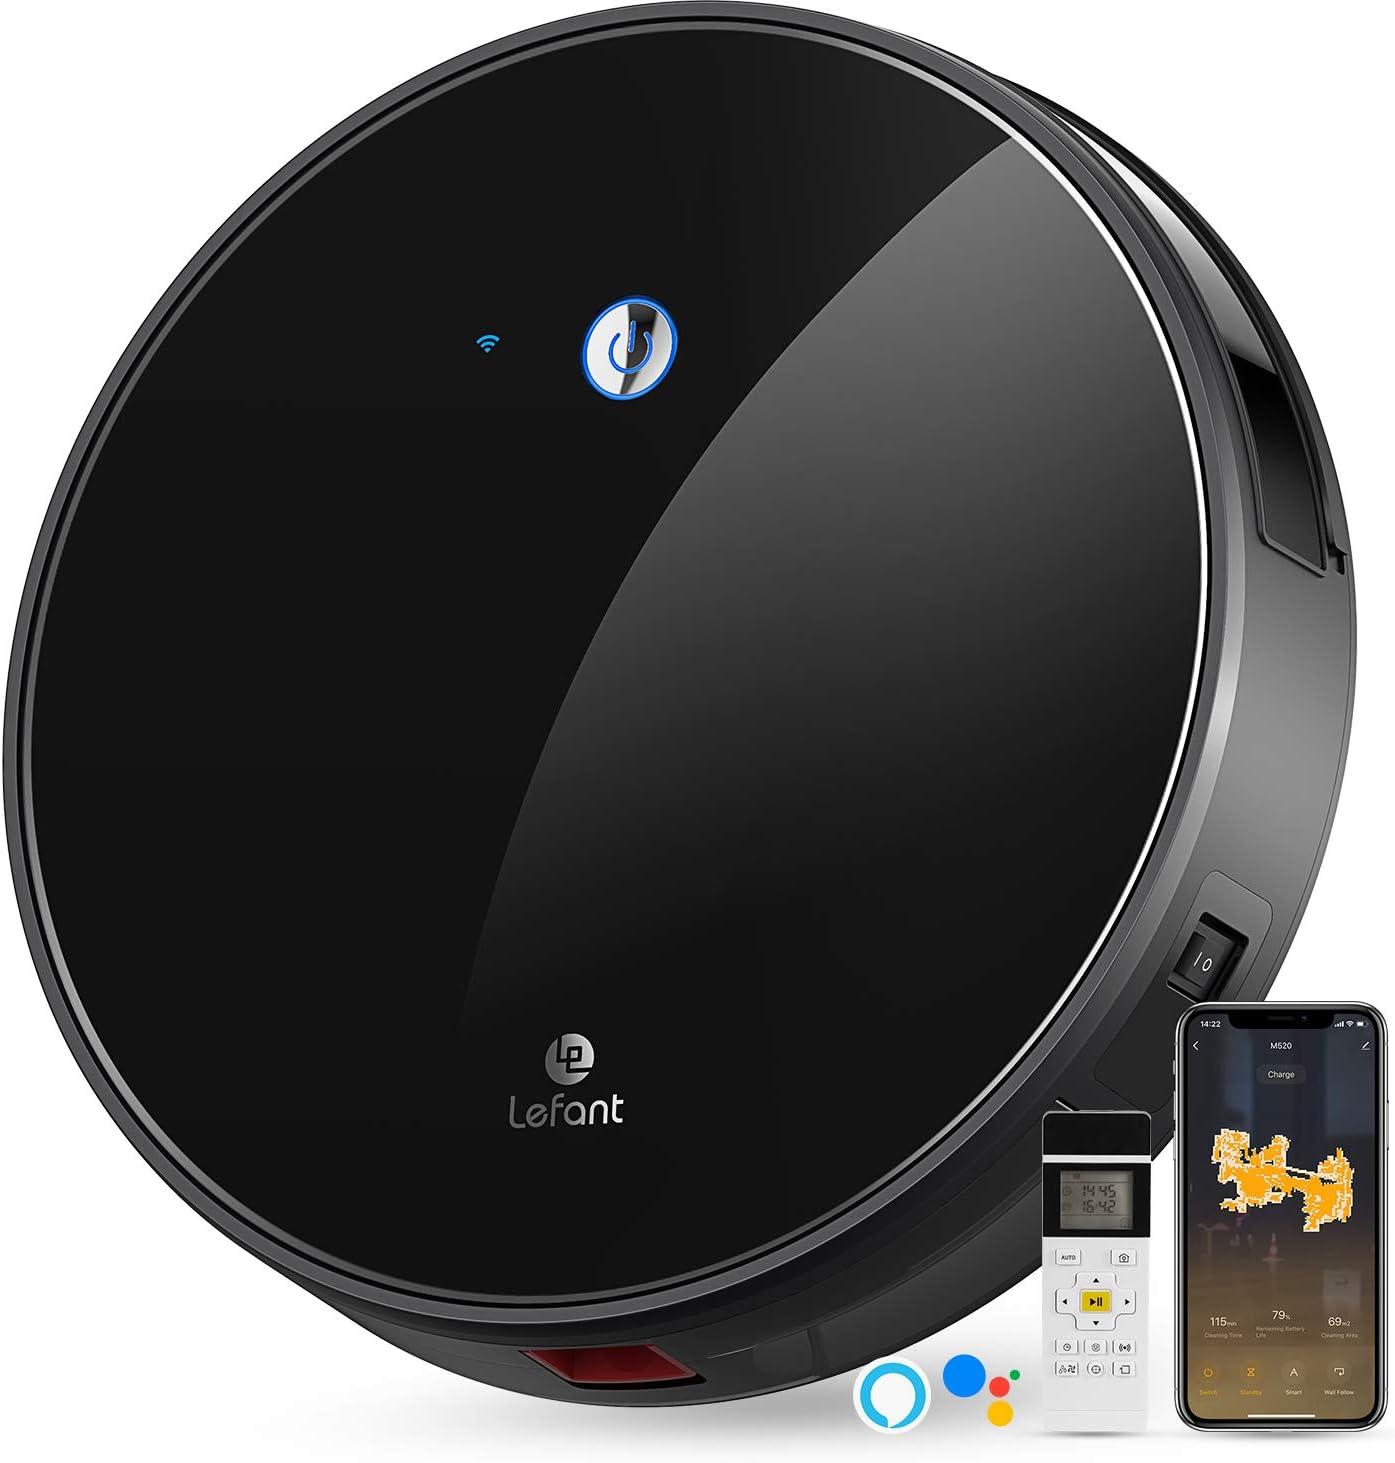 LEFANT Robot Aspirador,succión de 2200 Pa,Control WiFi,Funciona con Alexa y Google,mapeo Inteligente,silencioso,autocargable, Robot Aspirador M520